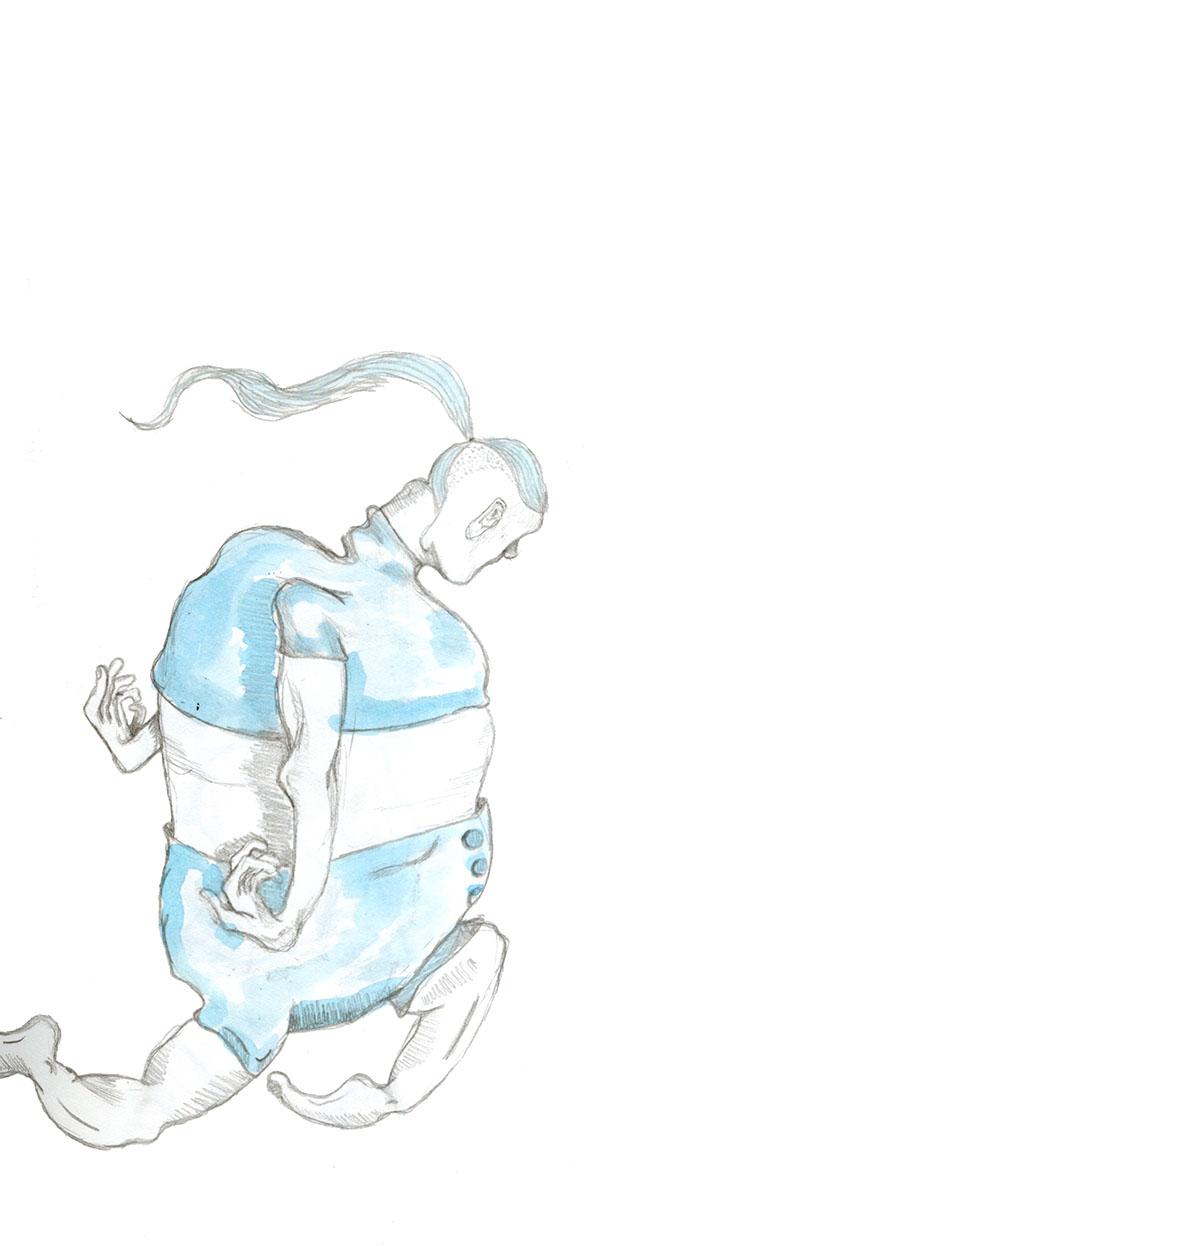 me blue fat elegance natural DANCE   light selfportrait